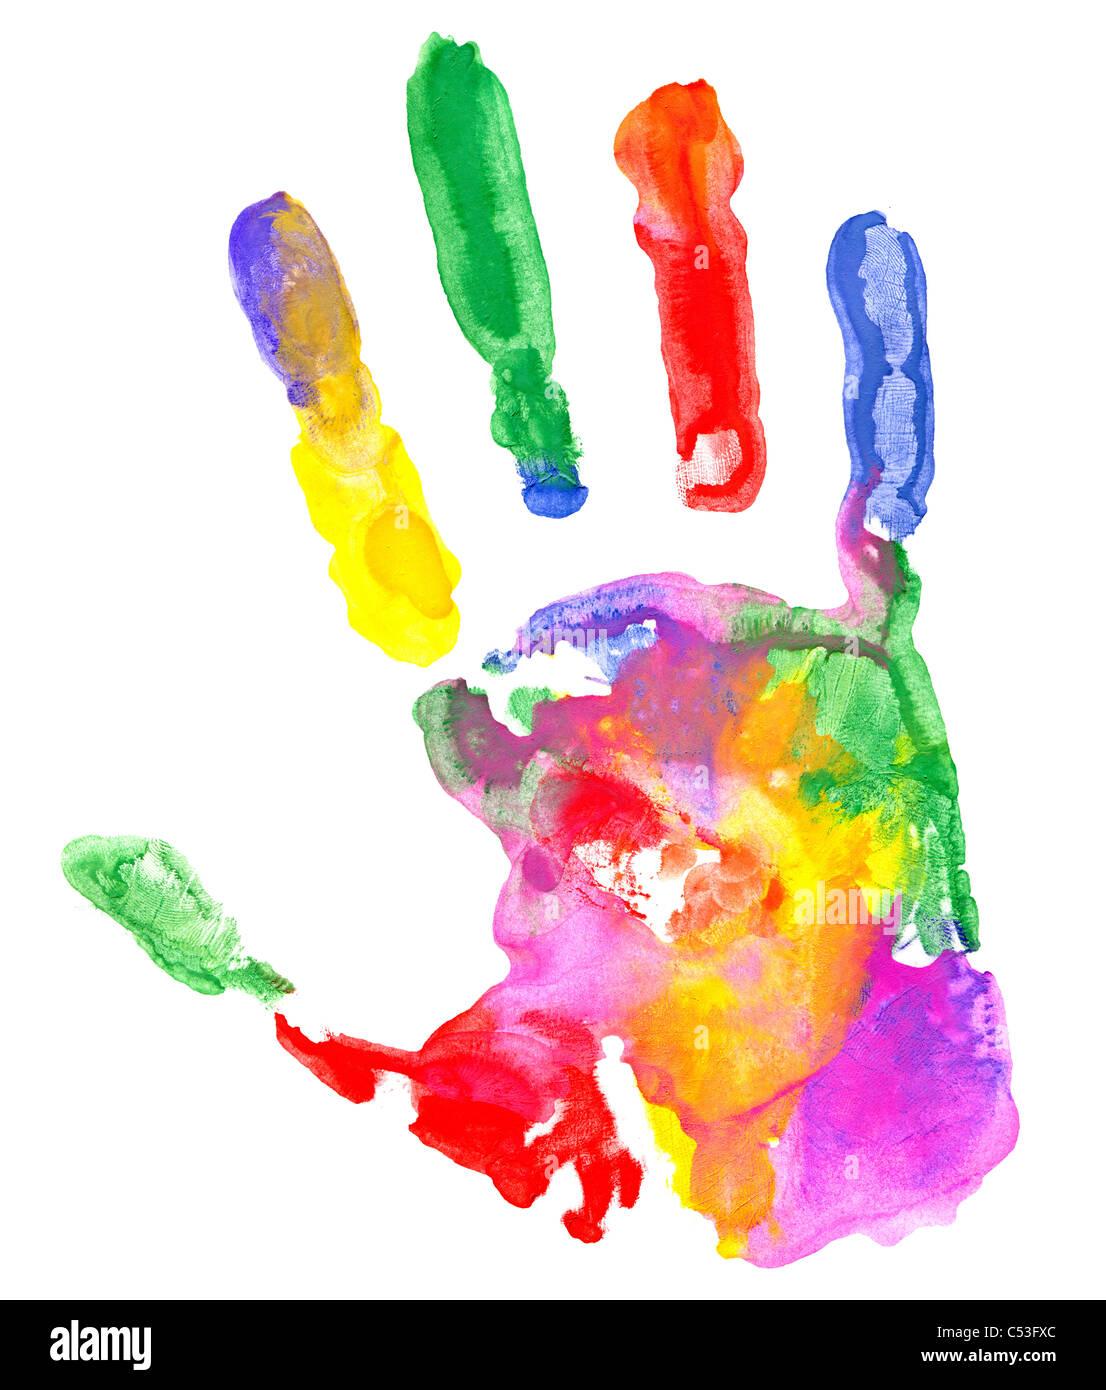 Nahaufnahme von farbigen Handabdruck auf weißem Hintergrund. Stockfoto